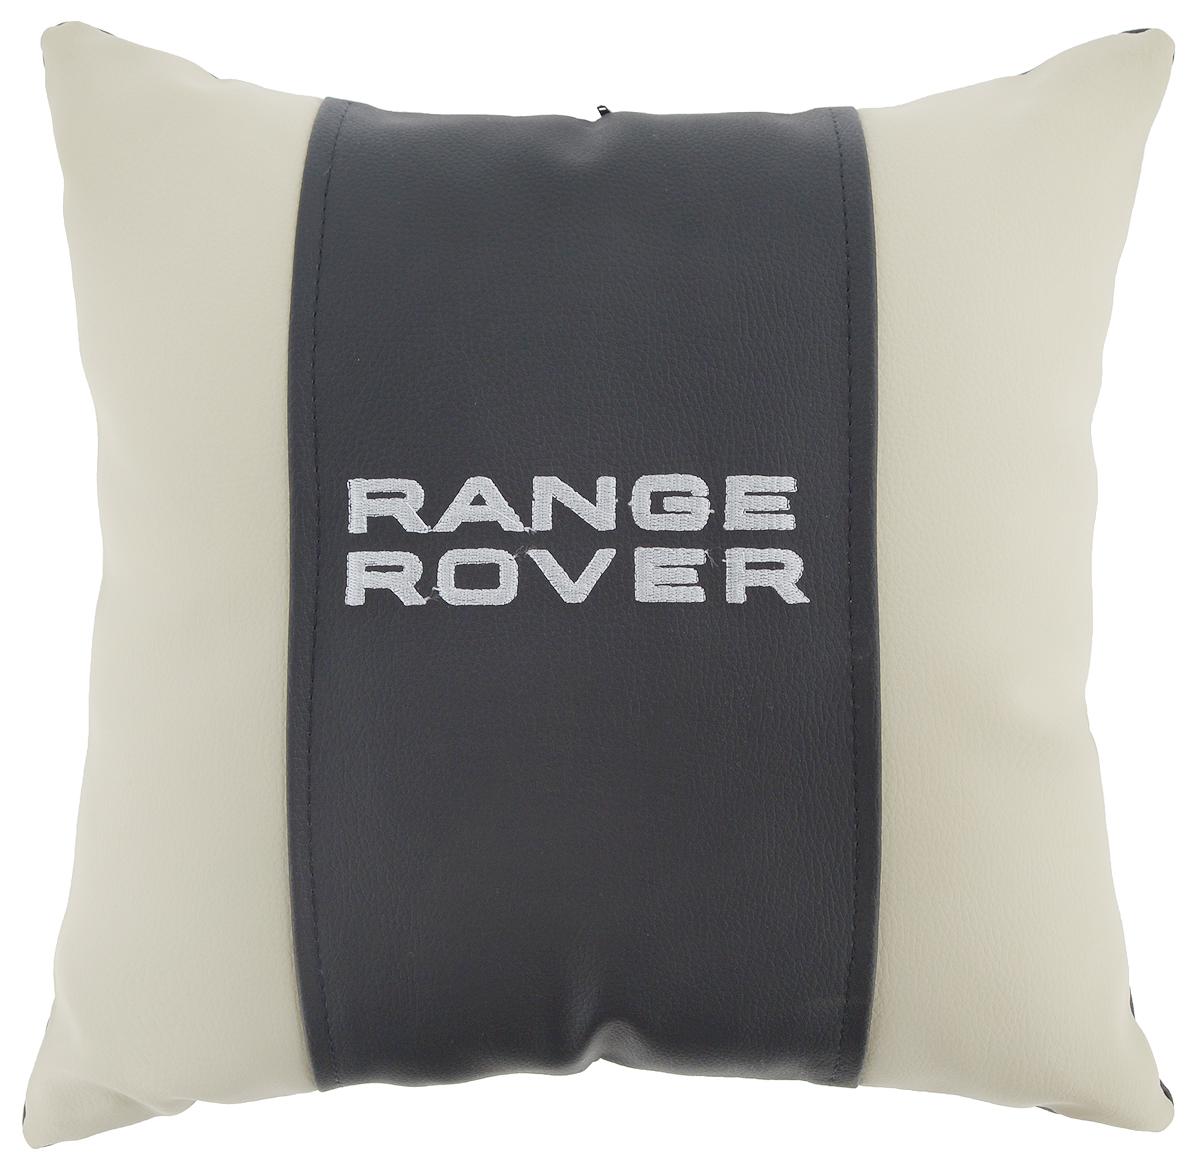 Подушка на сиденье Autoparts Range Rover, цвет: молочный, темно-серый, 30 х 30 смDH2400D/ORПодушка на сиденье Autoparts Range Rover создана для тех, кто весь свой день вынужден проводить за рулем. Чехол выполнен из высококачественной дышащей экокожи. Наполнителем служит холлофайбер. На задней части подушки имеется змейка.Особенности подушки:- Хорошо проветривается.- Предупреждает потение.- Поддерживает комфортную температуру.- Обминается по форме тела.- Улучшает кровообращение.- Исключает затечные явления.- Предупреждает развитие заболеваний, связанных с сидячим образом жизни. Подушка также будет полезна и дома - при работе за компьютером, школьникам - при выполнении домашних работ, да и в любимом кресле перед телевизором.